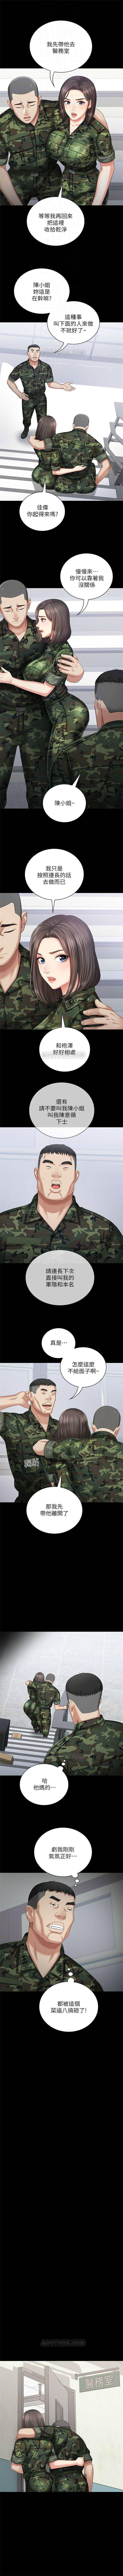 (周6)妹妹的义务 1-13 中文翻译(更新中) 106